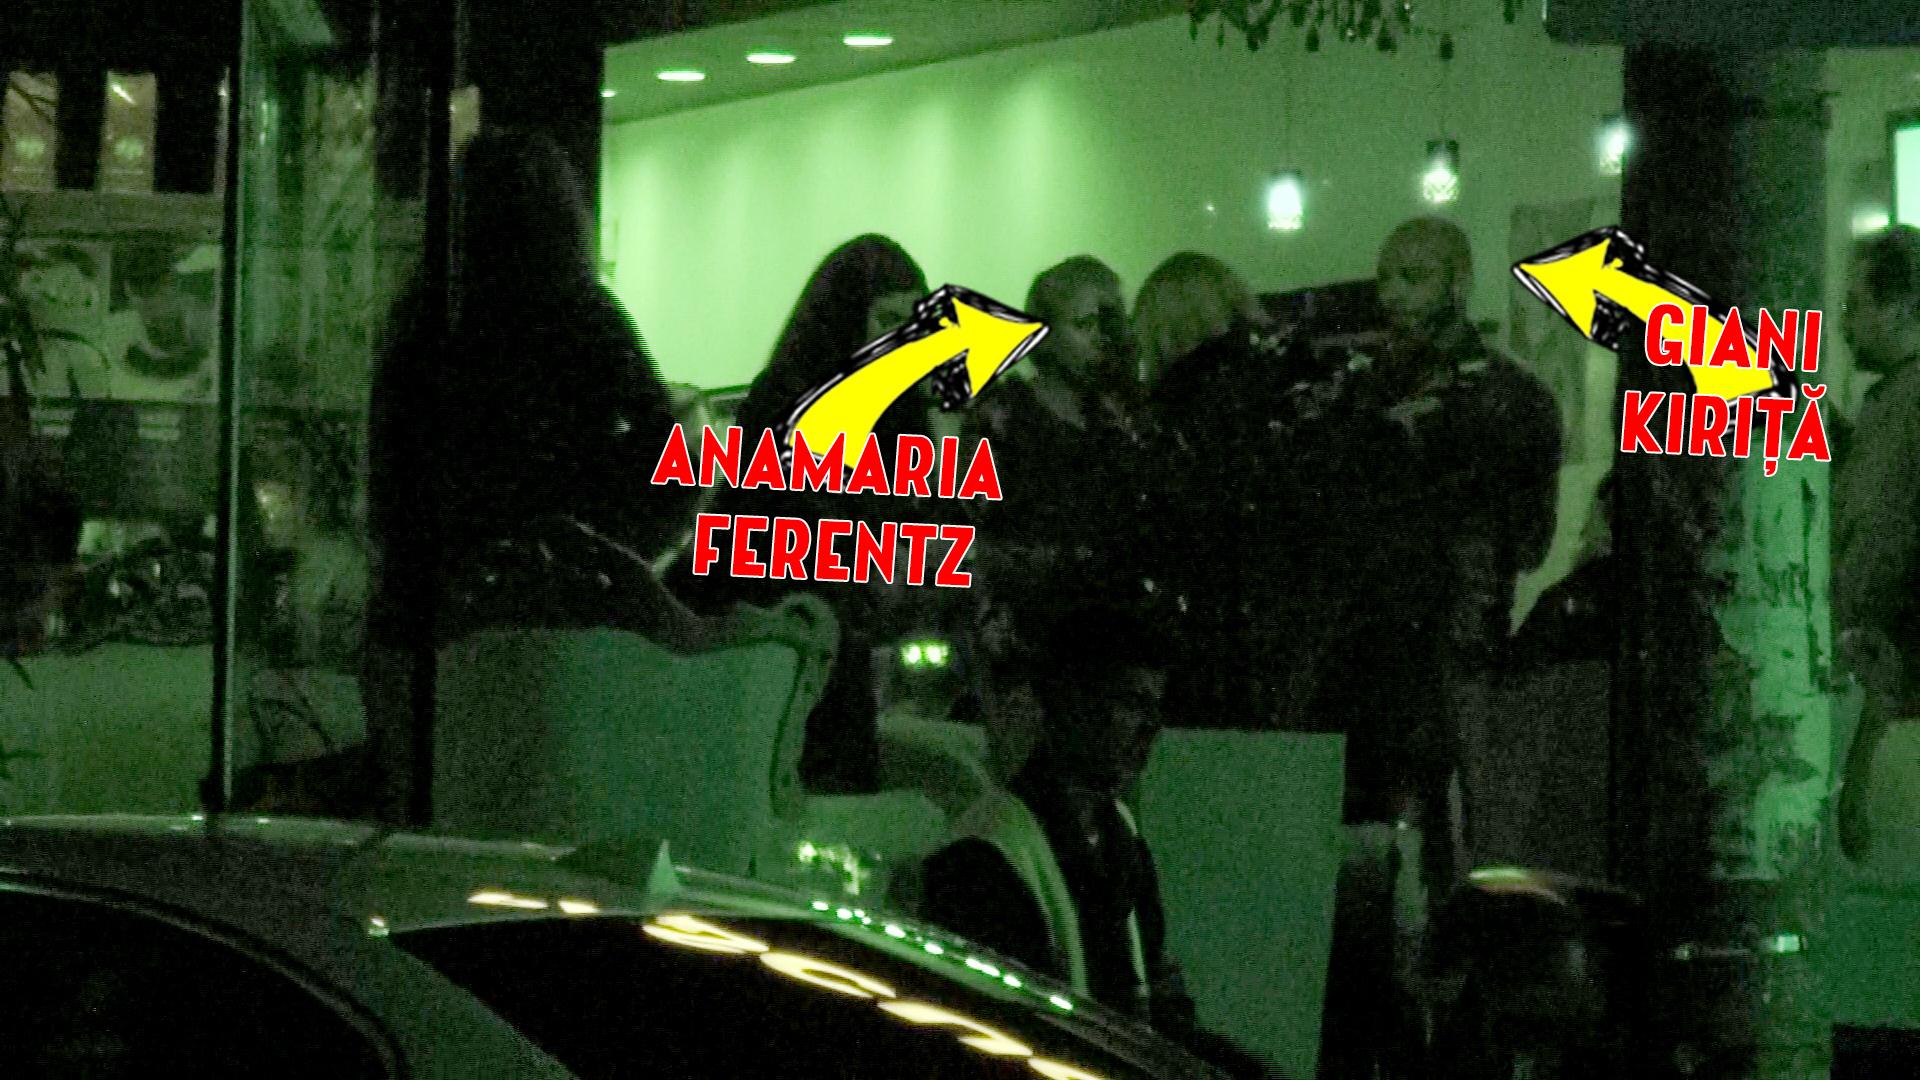 Giani Kirita si Anamaria Ferentz - 2